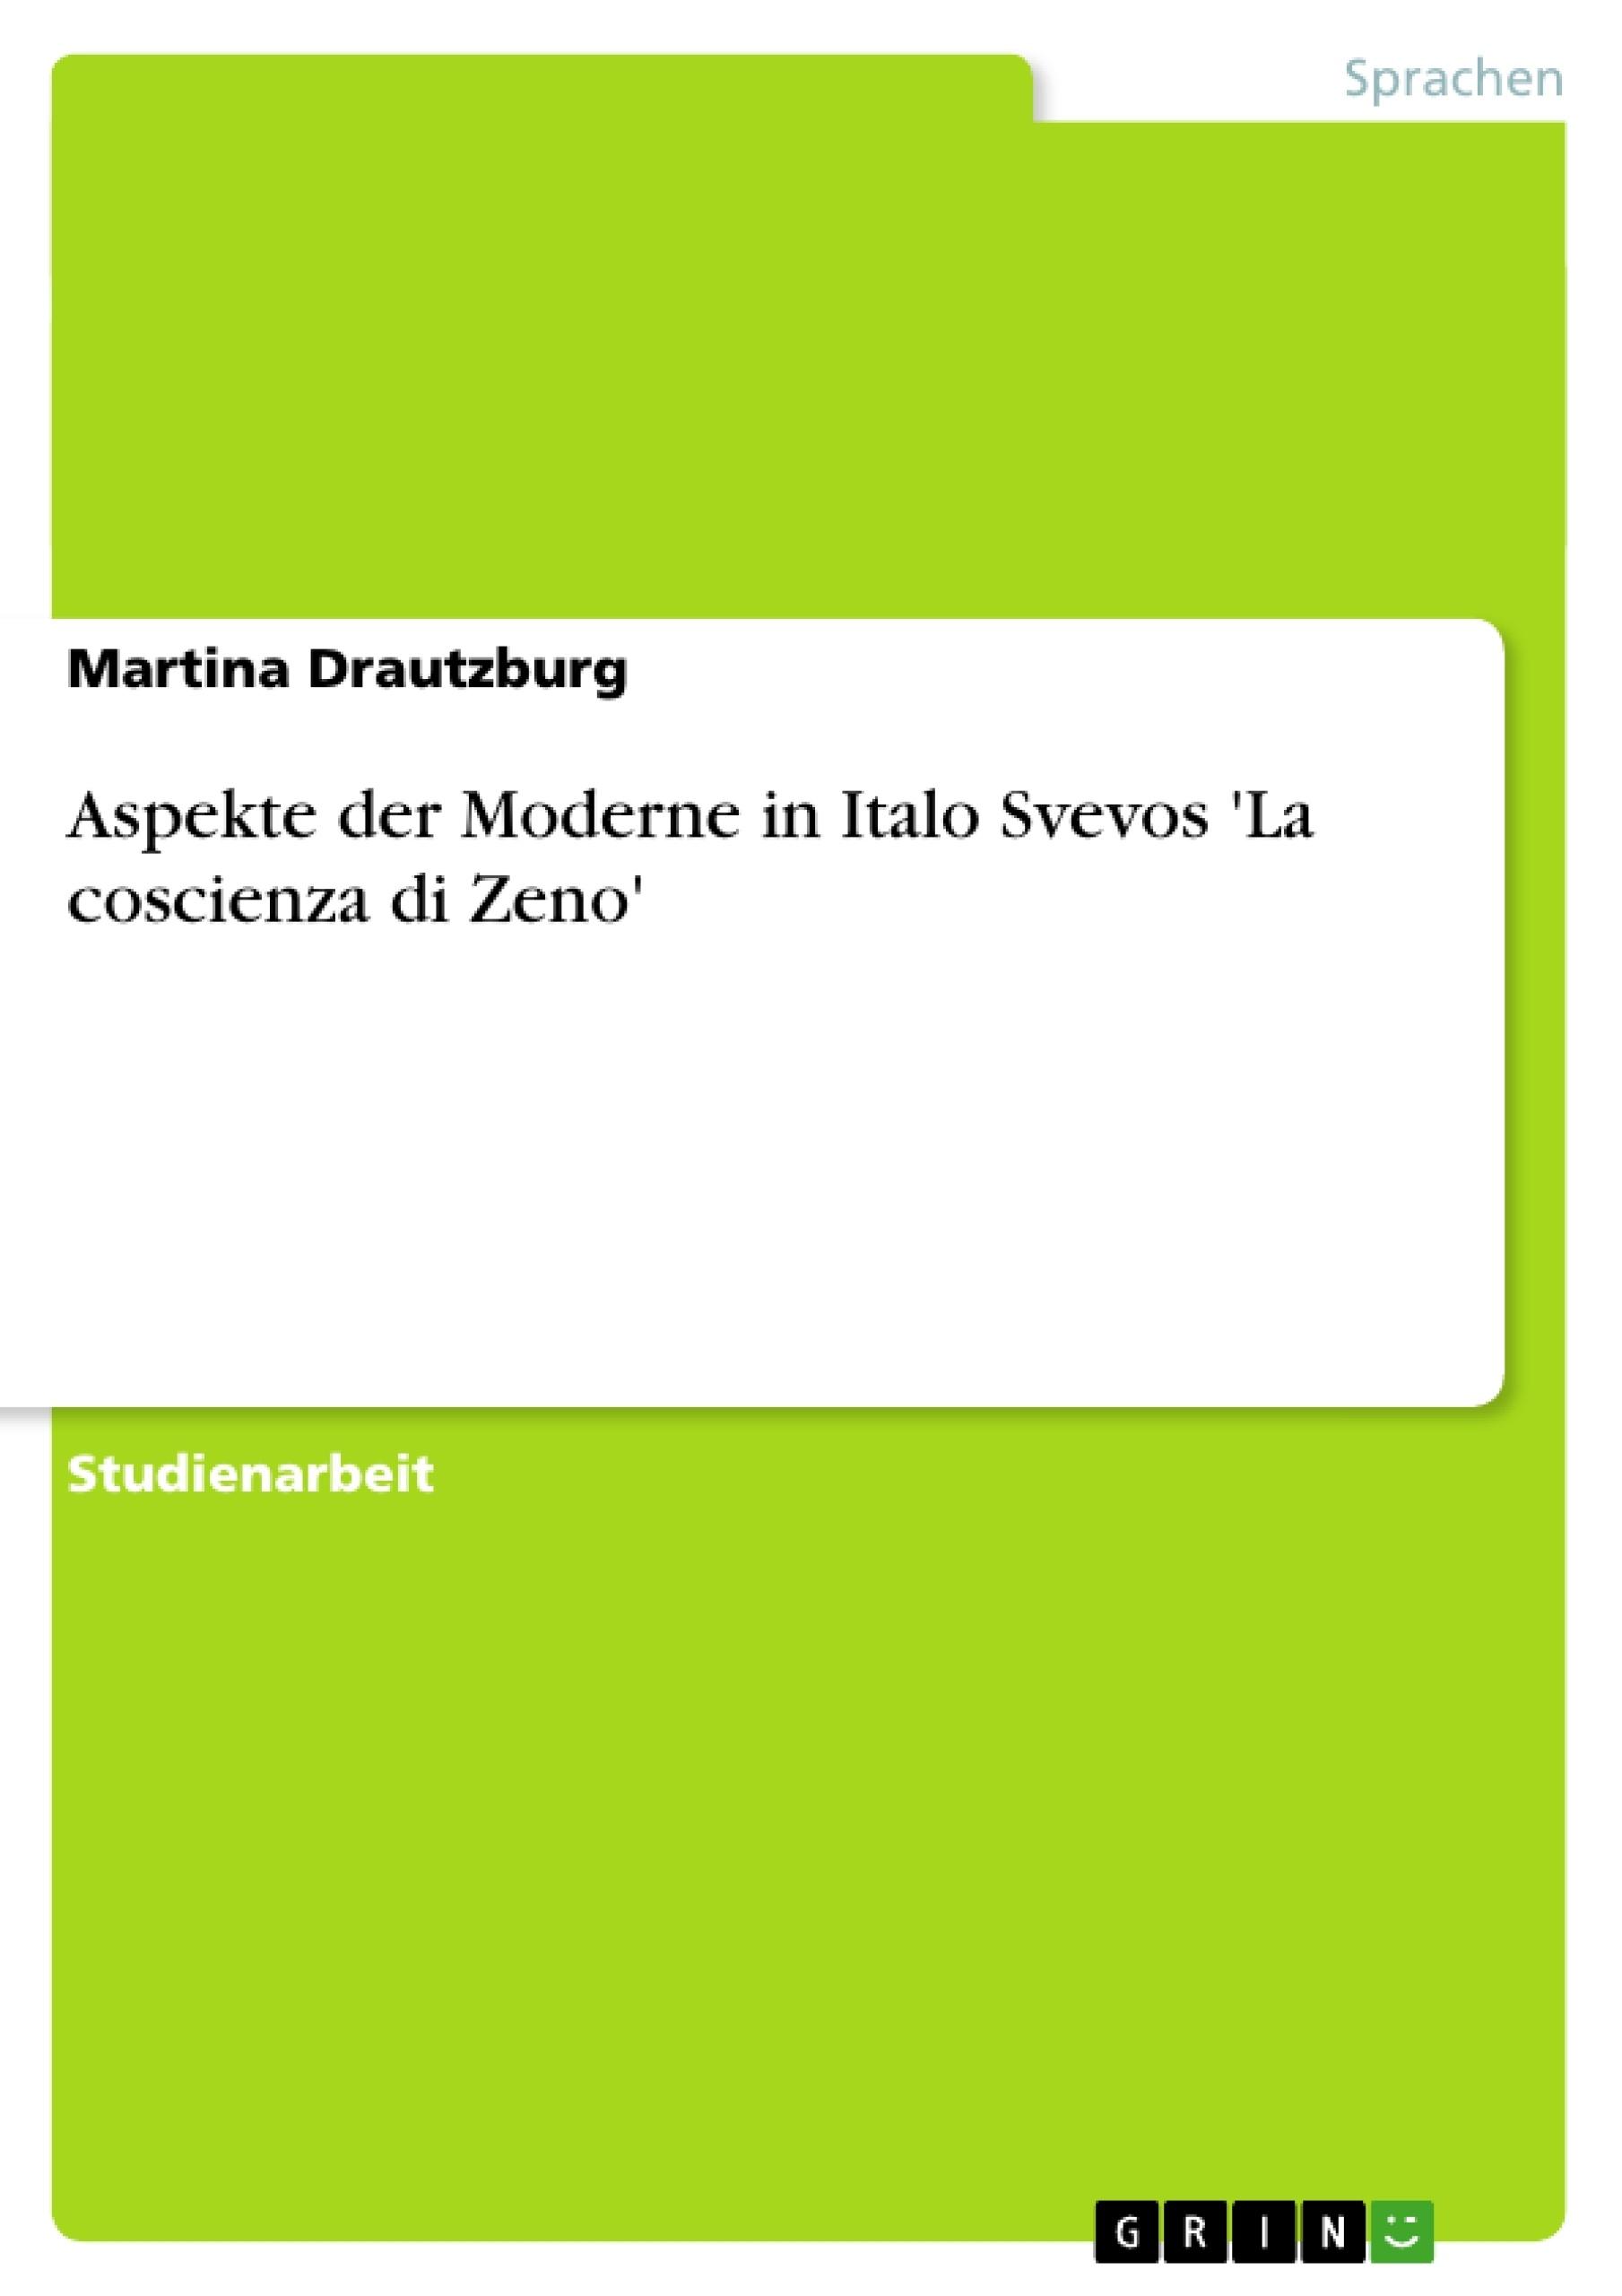 Titel: Aspekte der Moderne in Italo Svevos 'La coscienza di Zeno'